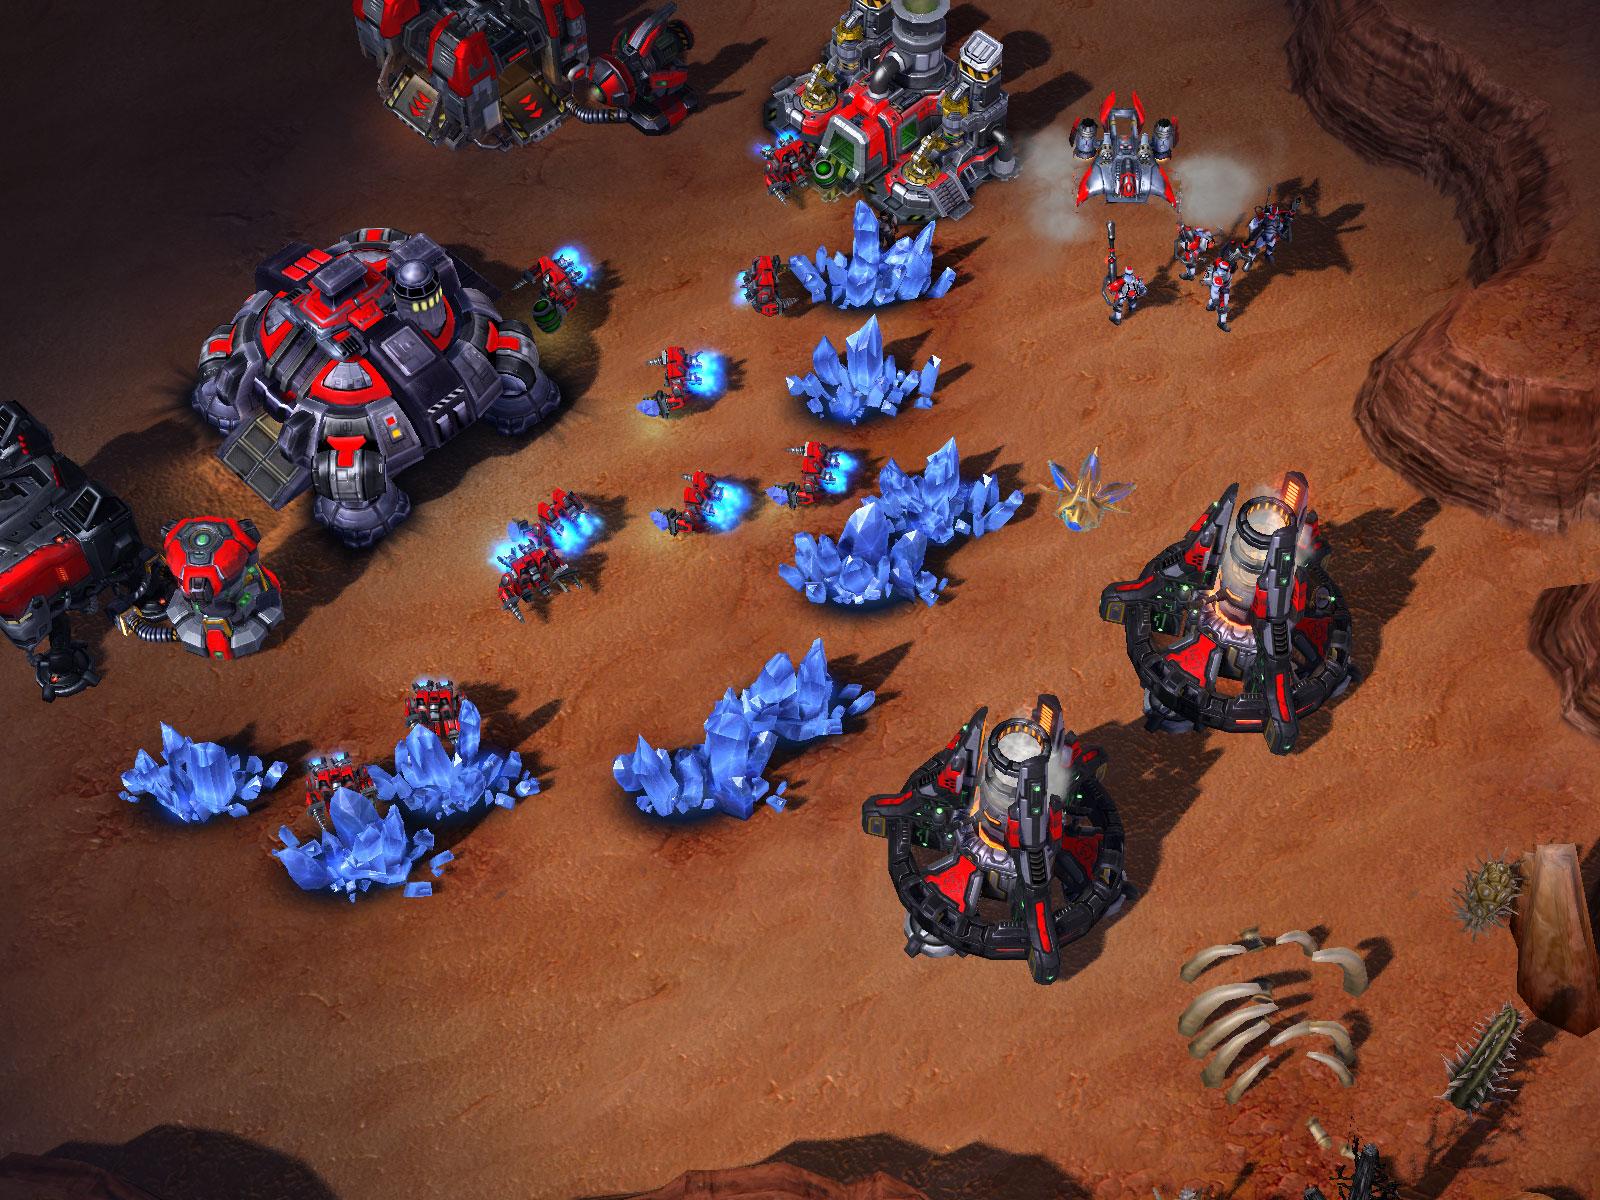 星际争霸2人族机械化兵种组合